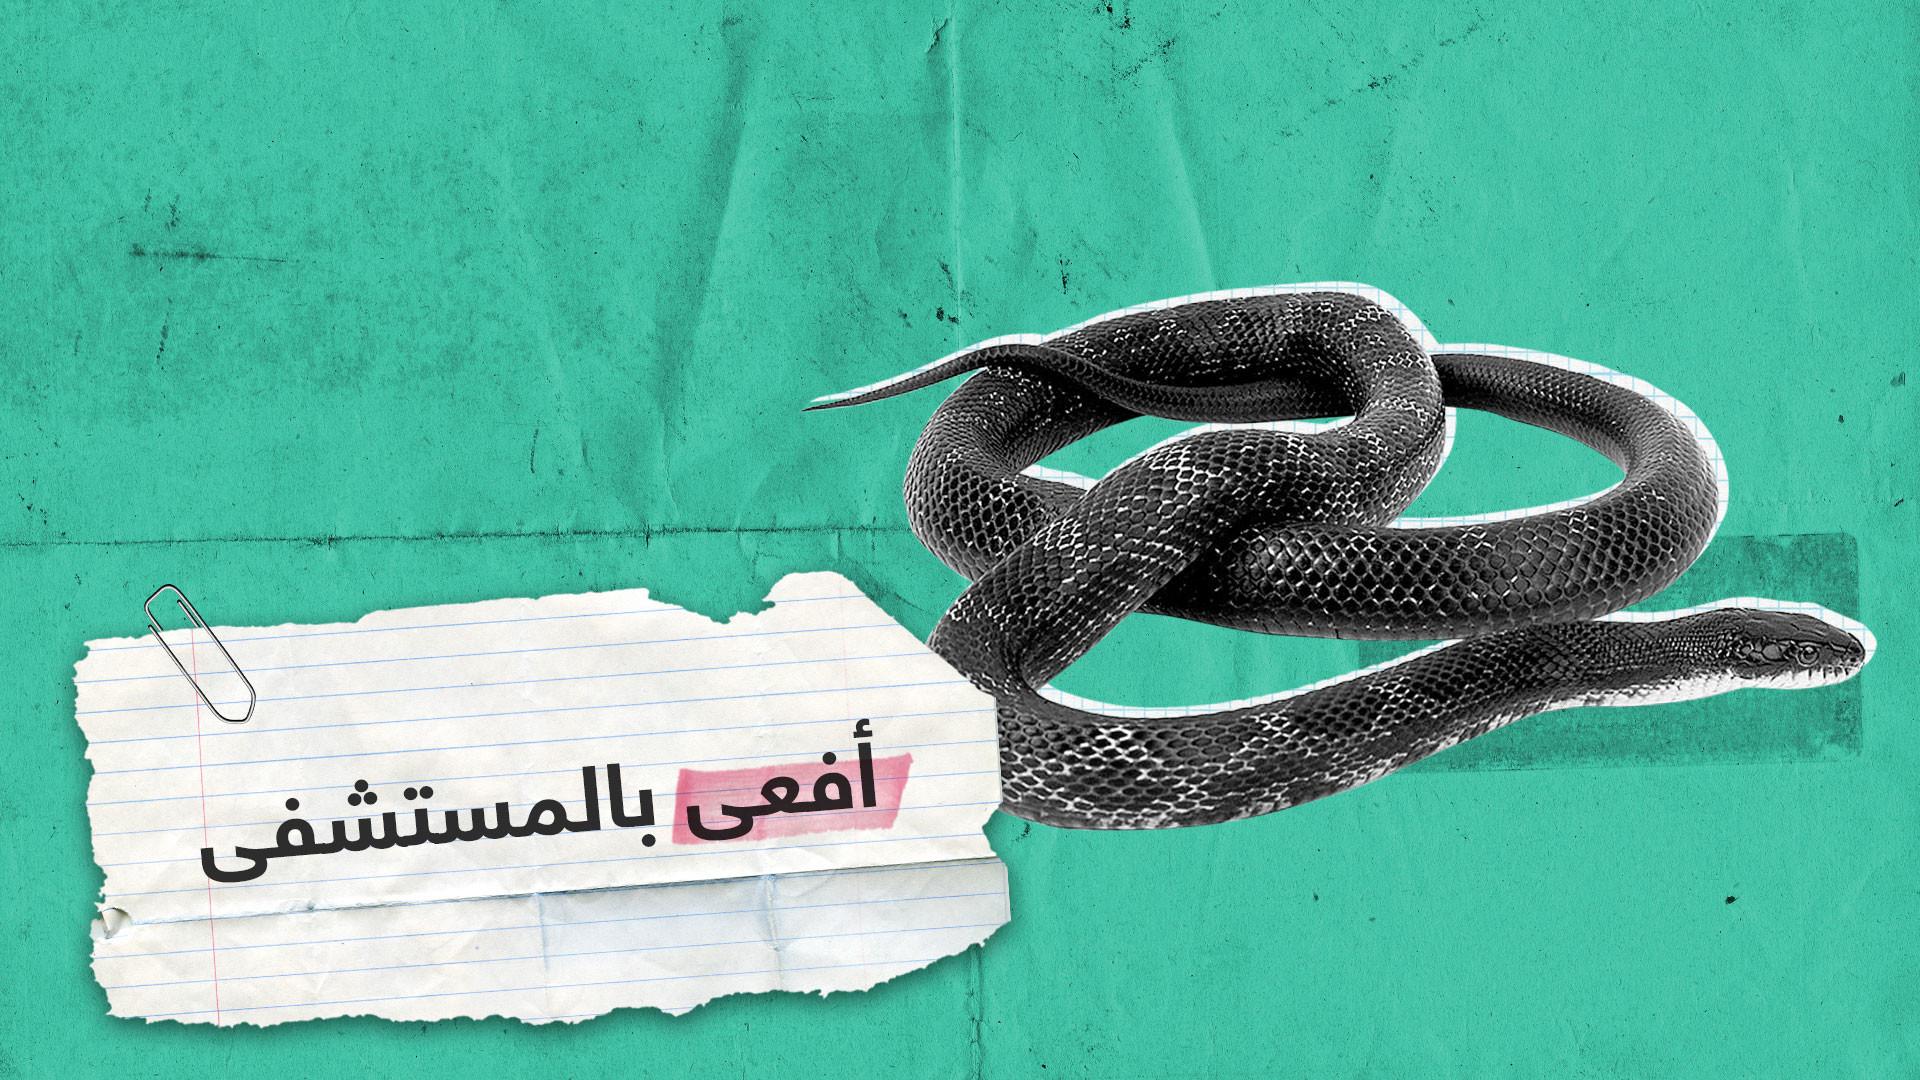 فيديوهات متداولة.. أفعى وكلاب داخل مستشفيات عراقية!